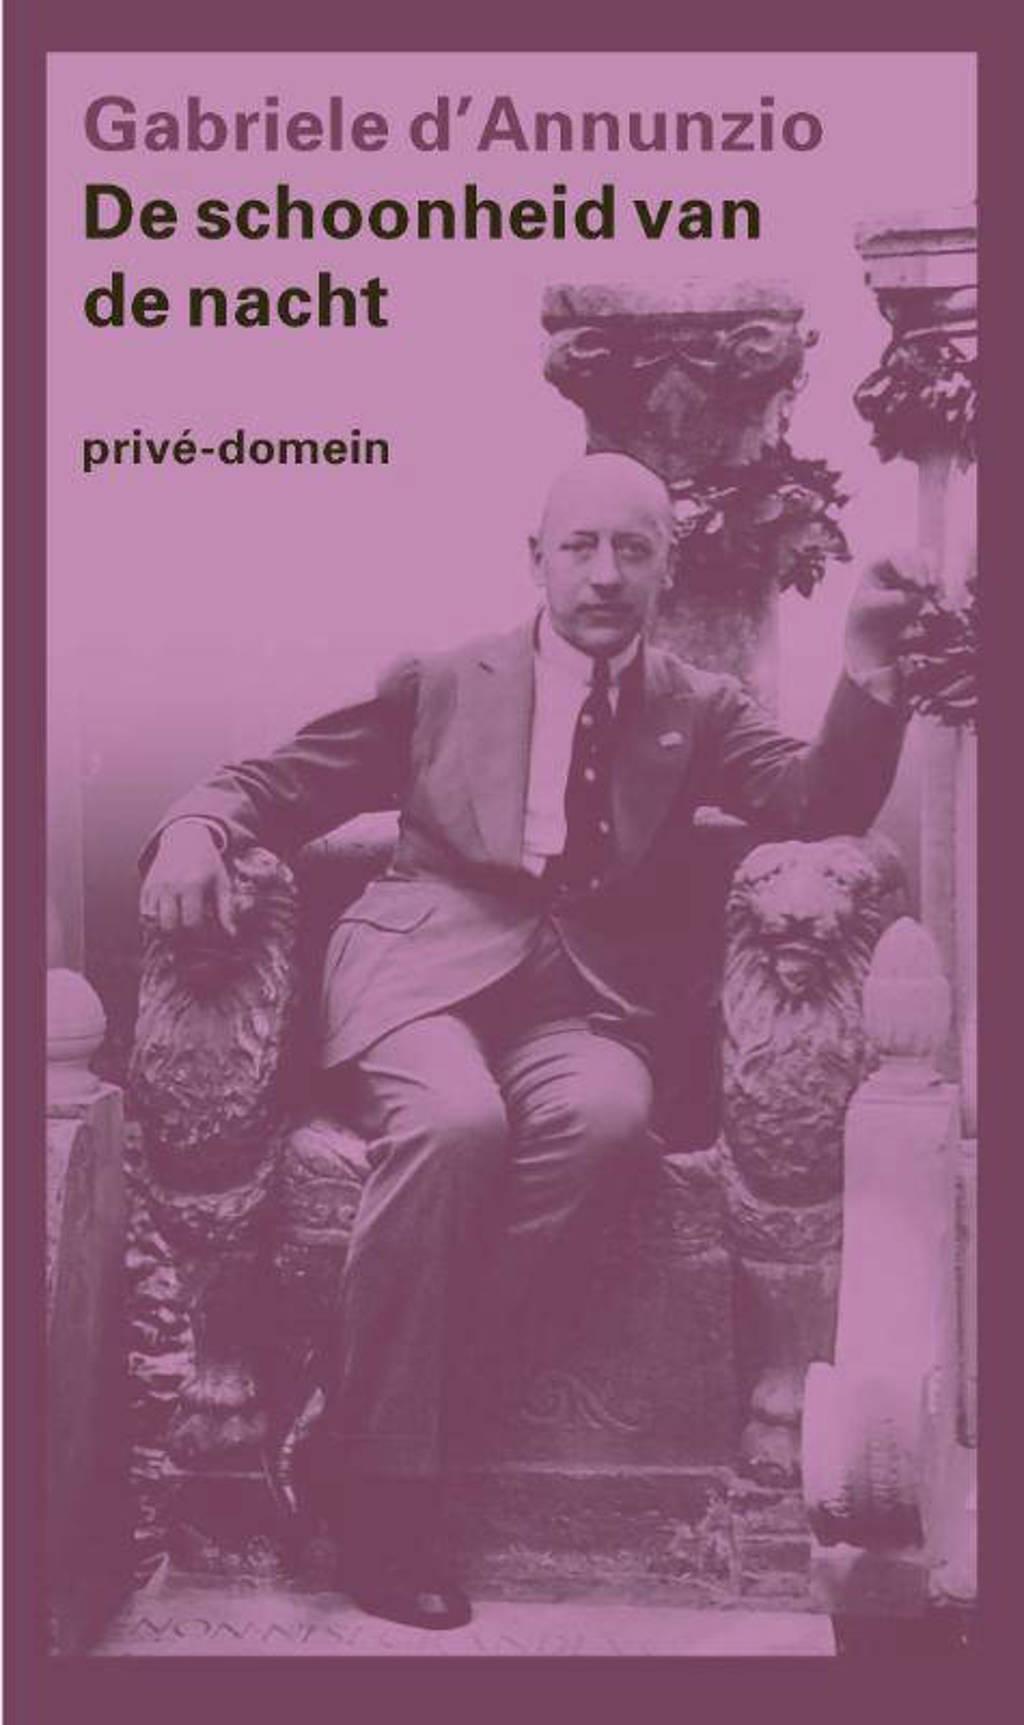 Privé-domein: De schoonheid van de nacht - Gabriele D' Annunzio